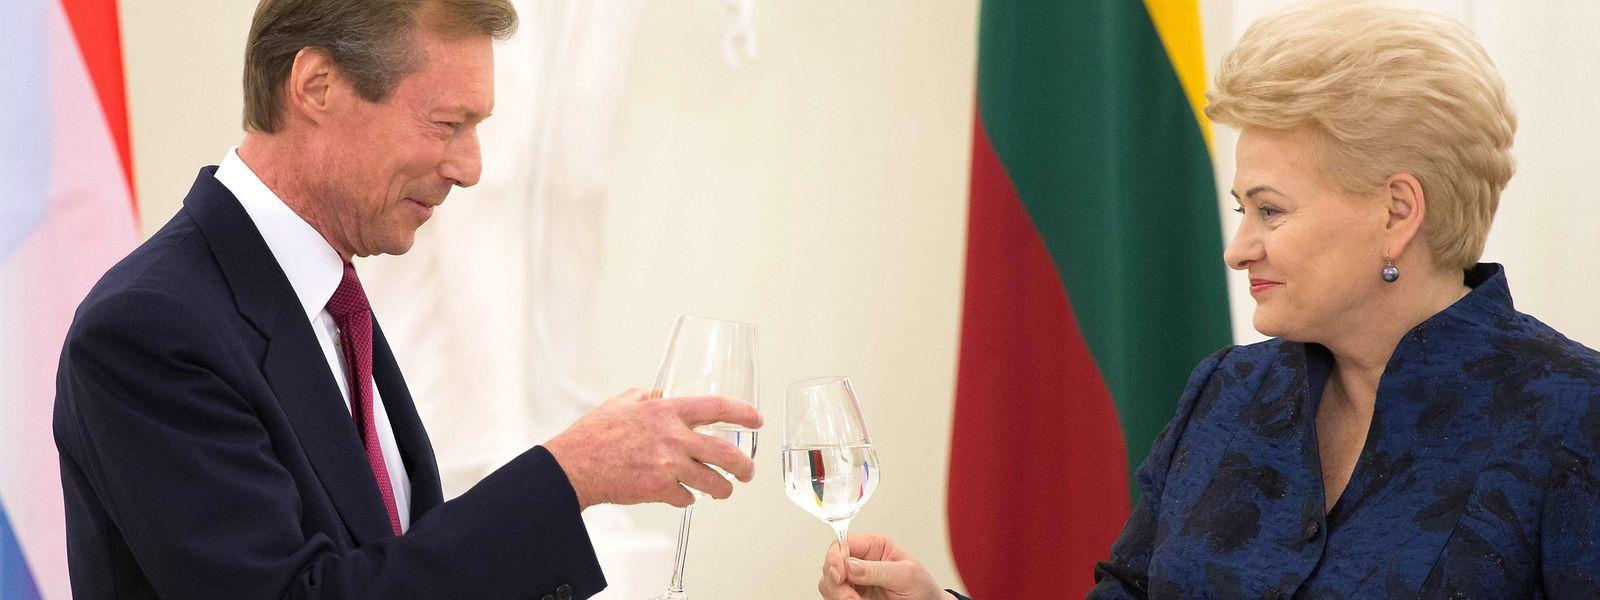 Visite d'Etat en Lituanie, S.A.R. le Grand-Duc avec Dalia Grybauskaite, Presidente de la Republique de Lituanie lors du diner de gala, a Vilnius le 26 Octobre 2017. Photo: Chris Karaba